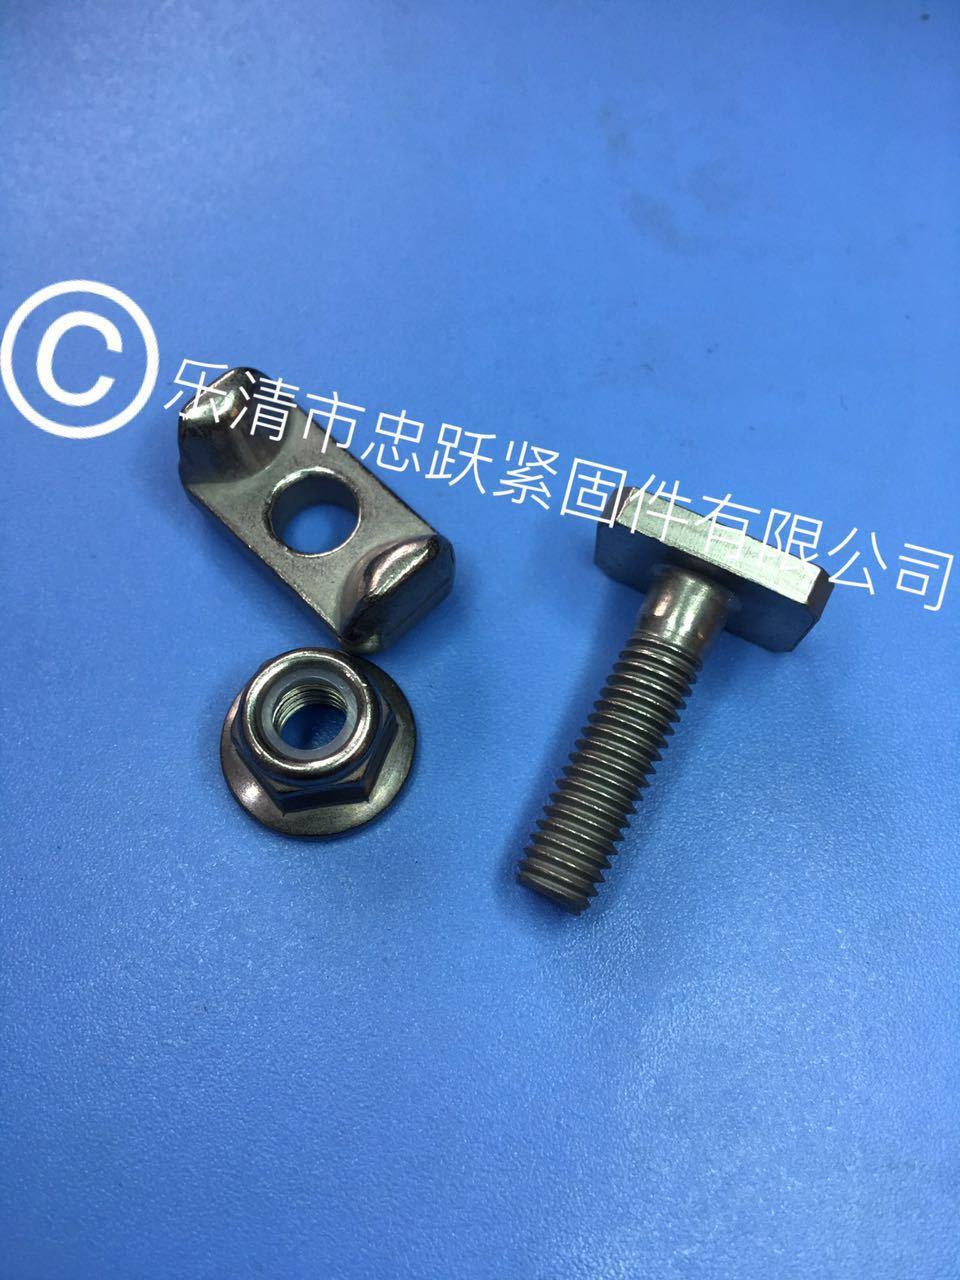 汽配螺栓 不锈钢T型螺栓 四方头螺栓 汽车元宝螺栓 T形螺栓